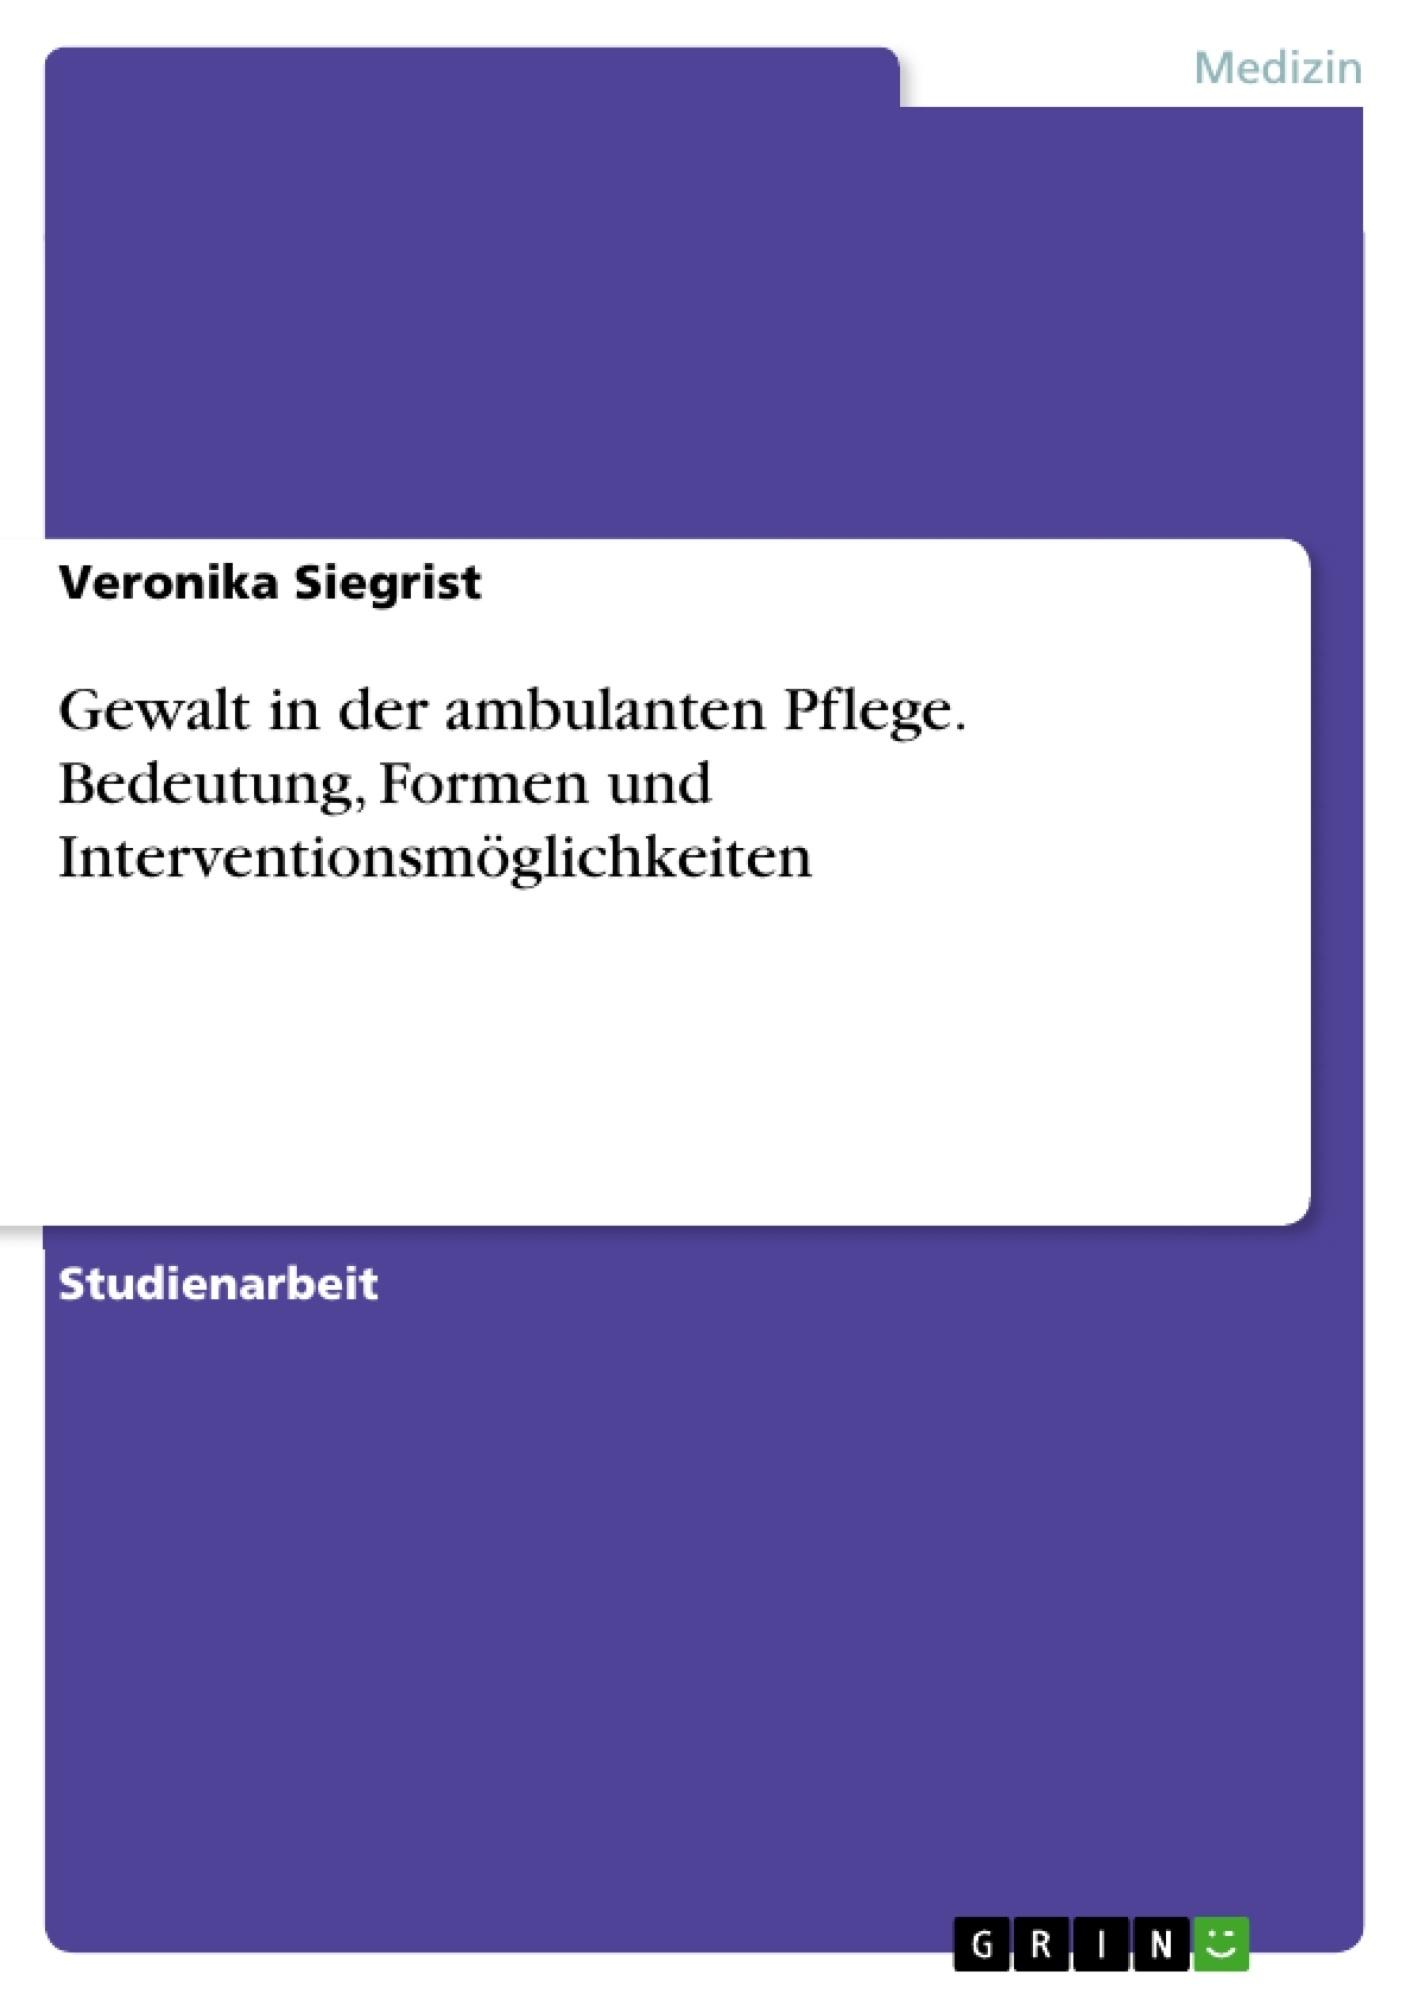 Titel: Gewalt in der ambulanten Pflege. Bedeutung, Formen und Interventionsmöglichkeiten